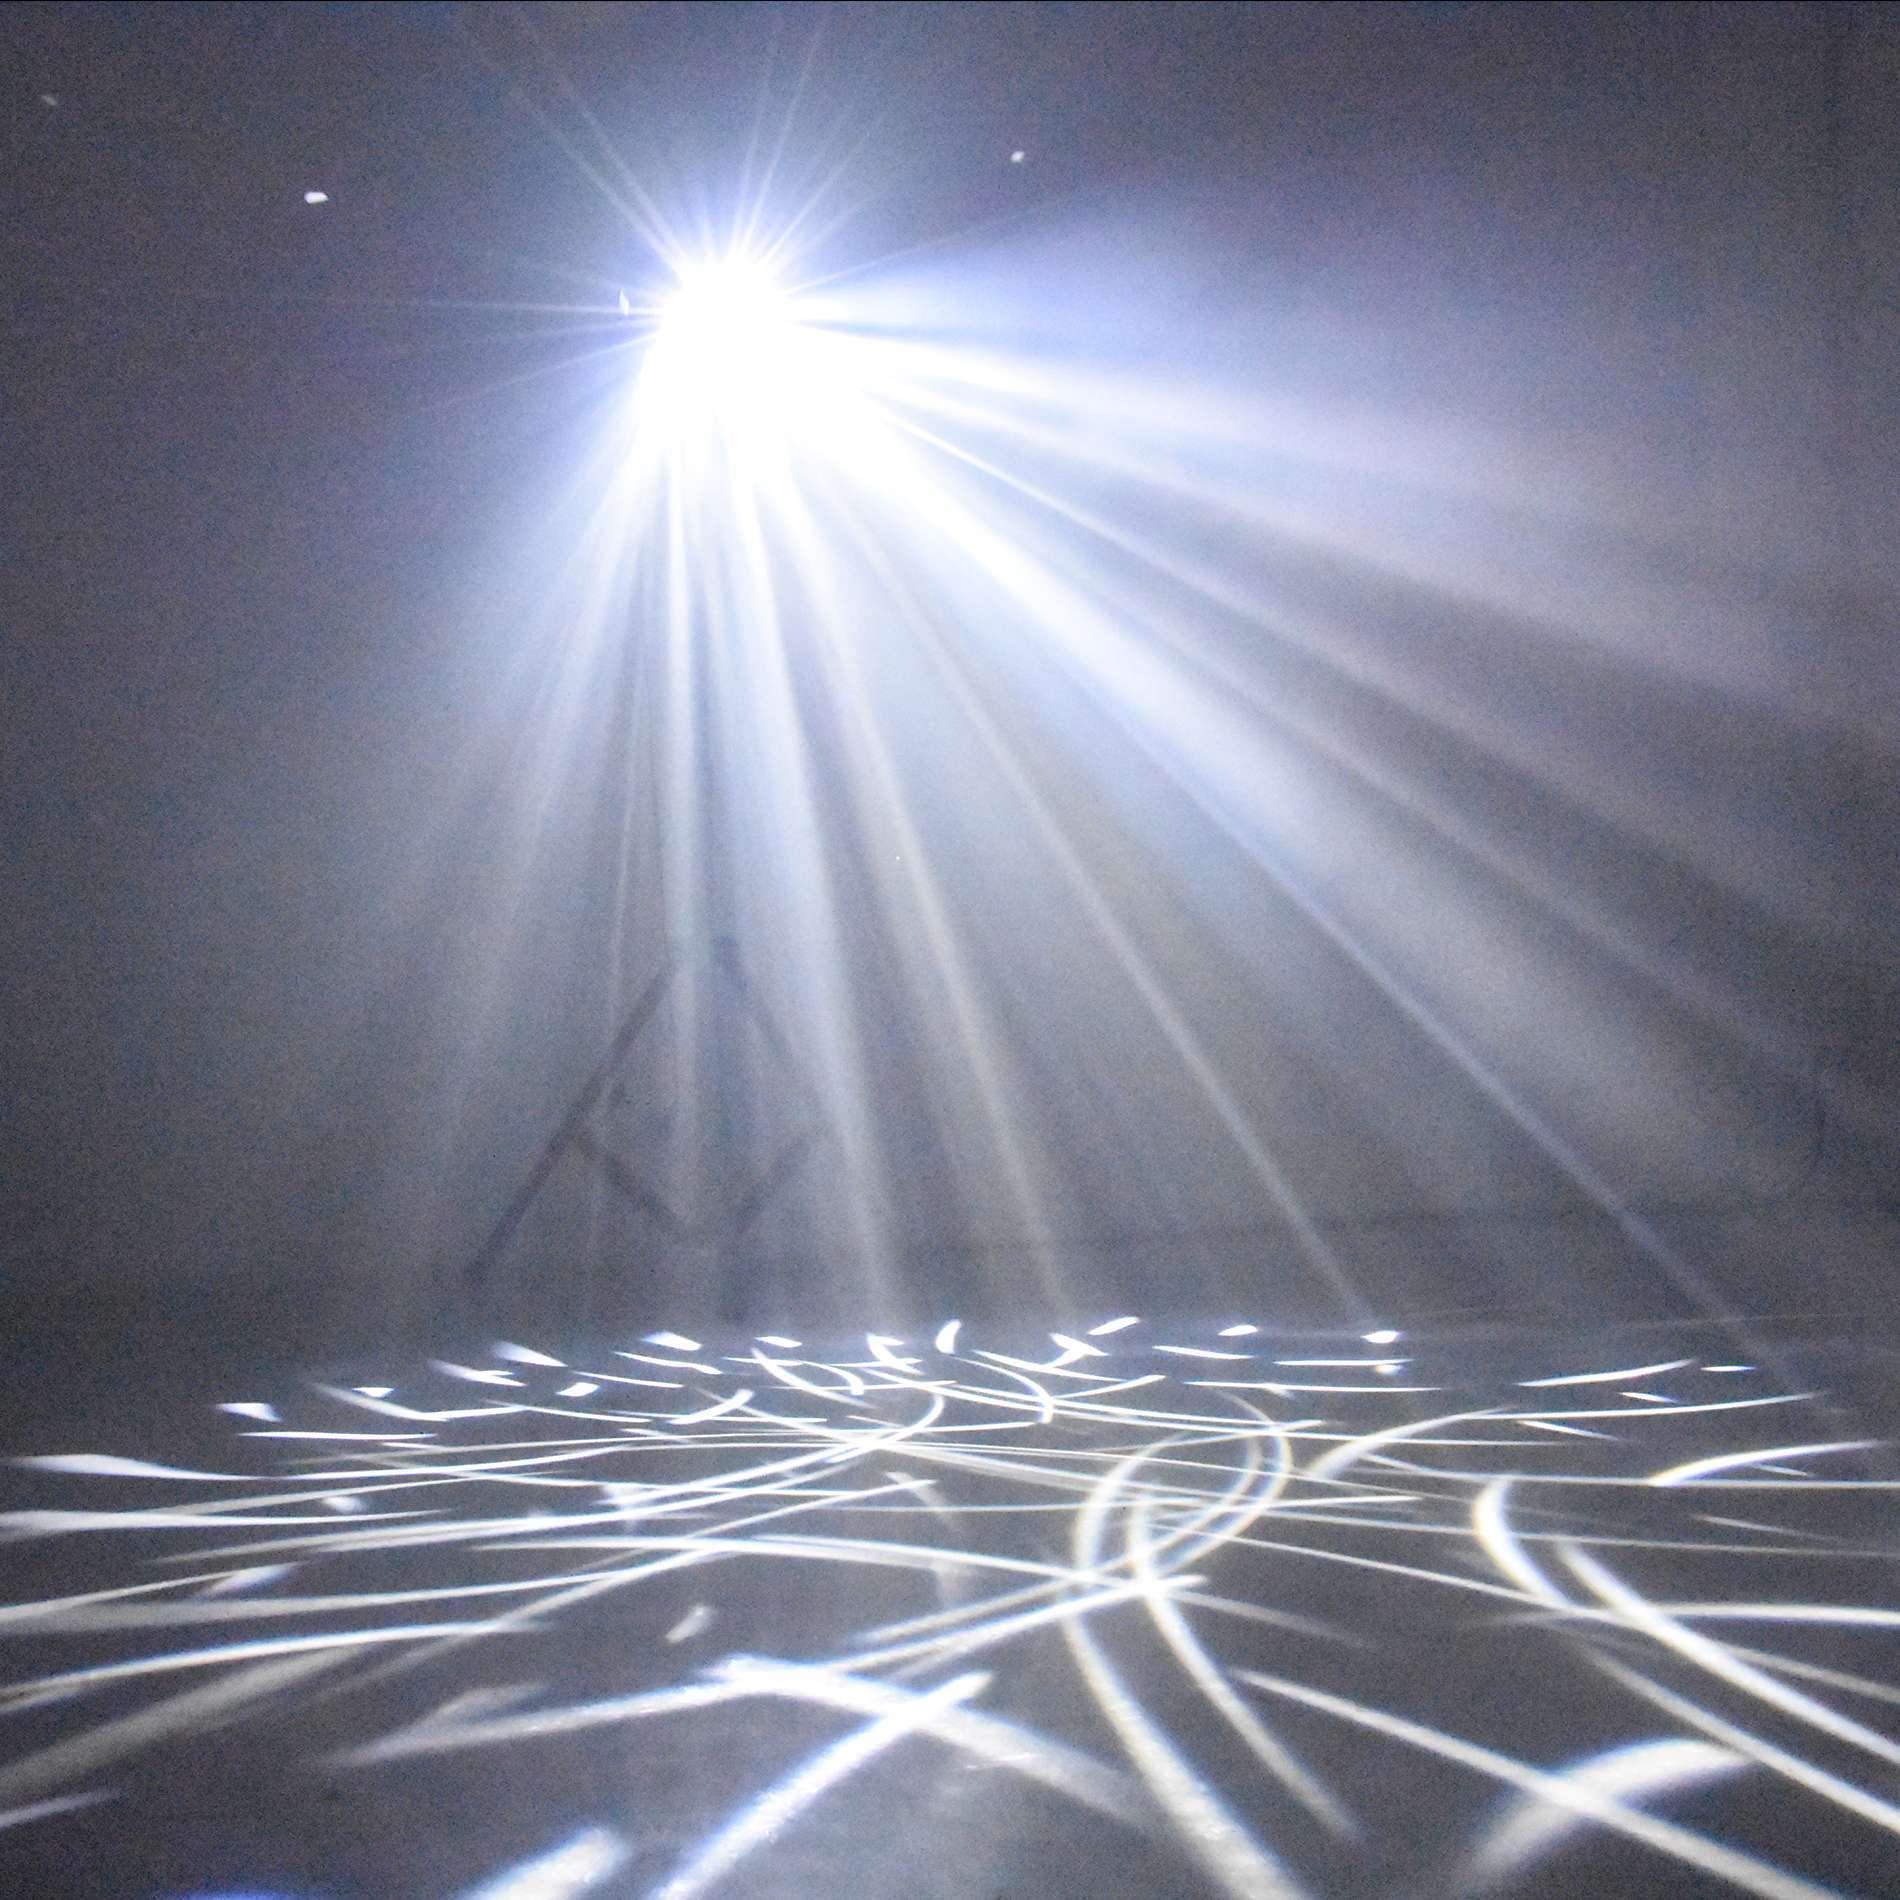 Festnight Multifonction 4 en 1 v/élo lumi/ère 400 lumens v/élo Lampe de Poche v/élo klaxon Support de t/él/éphone Puissance Banque v/élo Avant lumi/ère